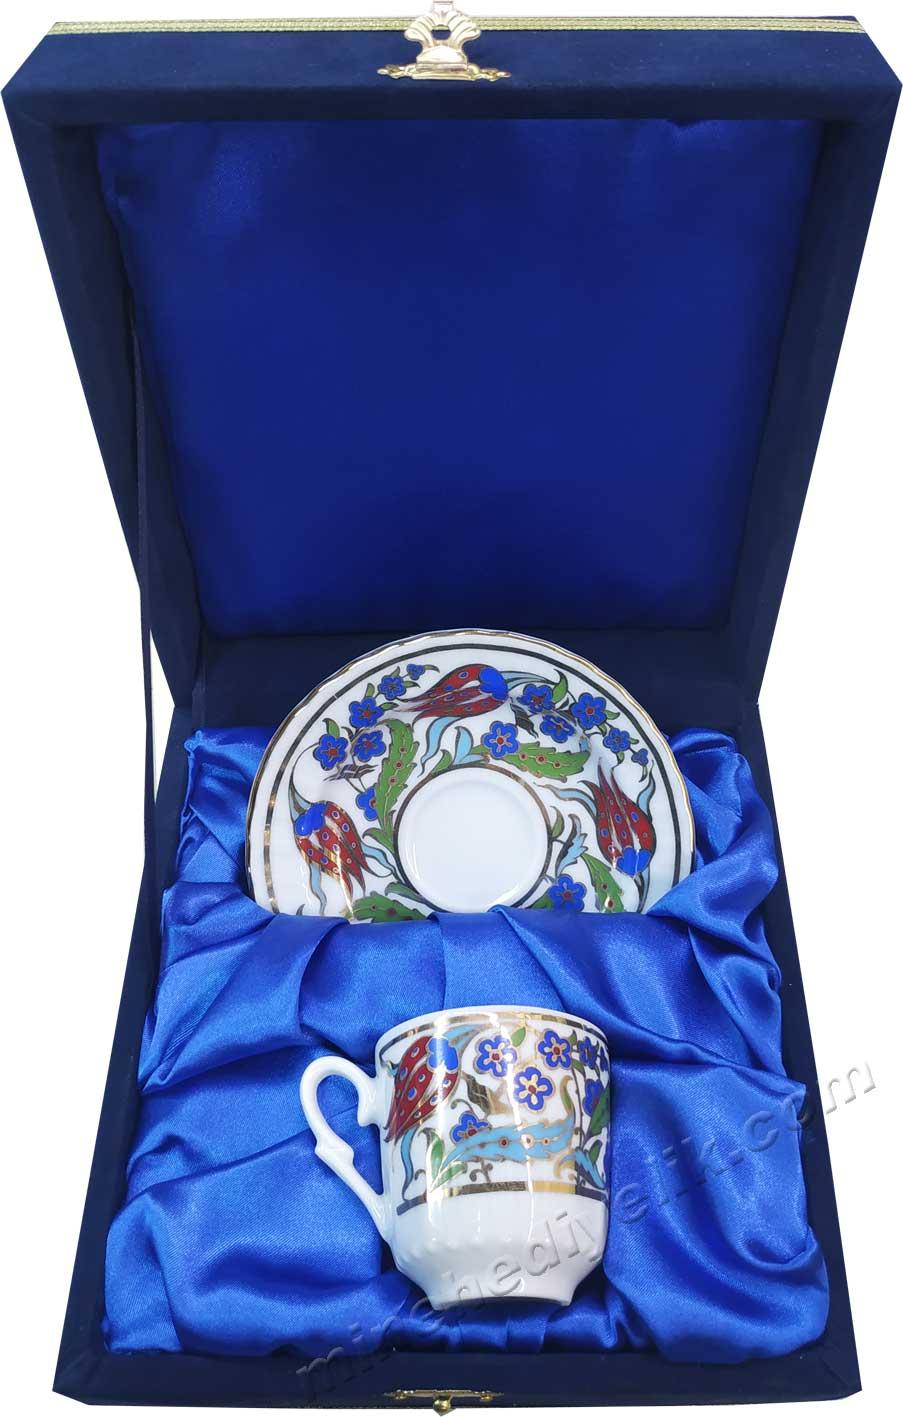 Kurumsal Promosyon Amaçlı Hediyelik Kahve Fincan Setleri Tekli Kutularda Hediyelik Kurumsal promosyon ürünleri Bir kişilik Kutulu Dekoratif Türk Kahvesi Fincan Setleri